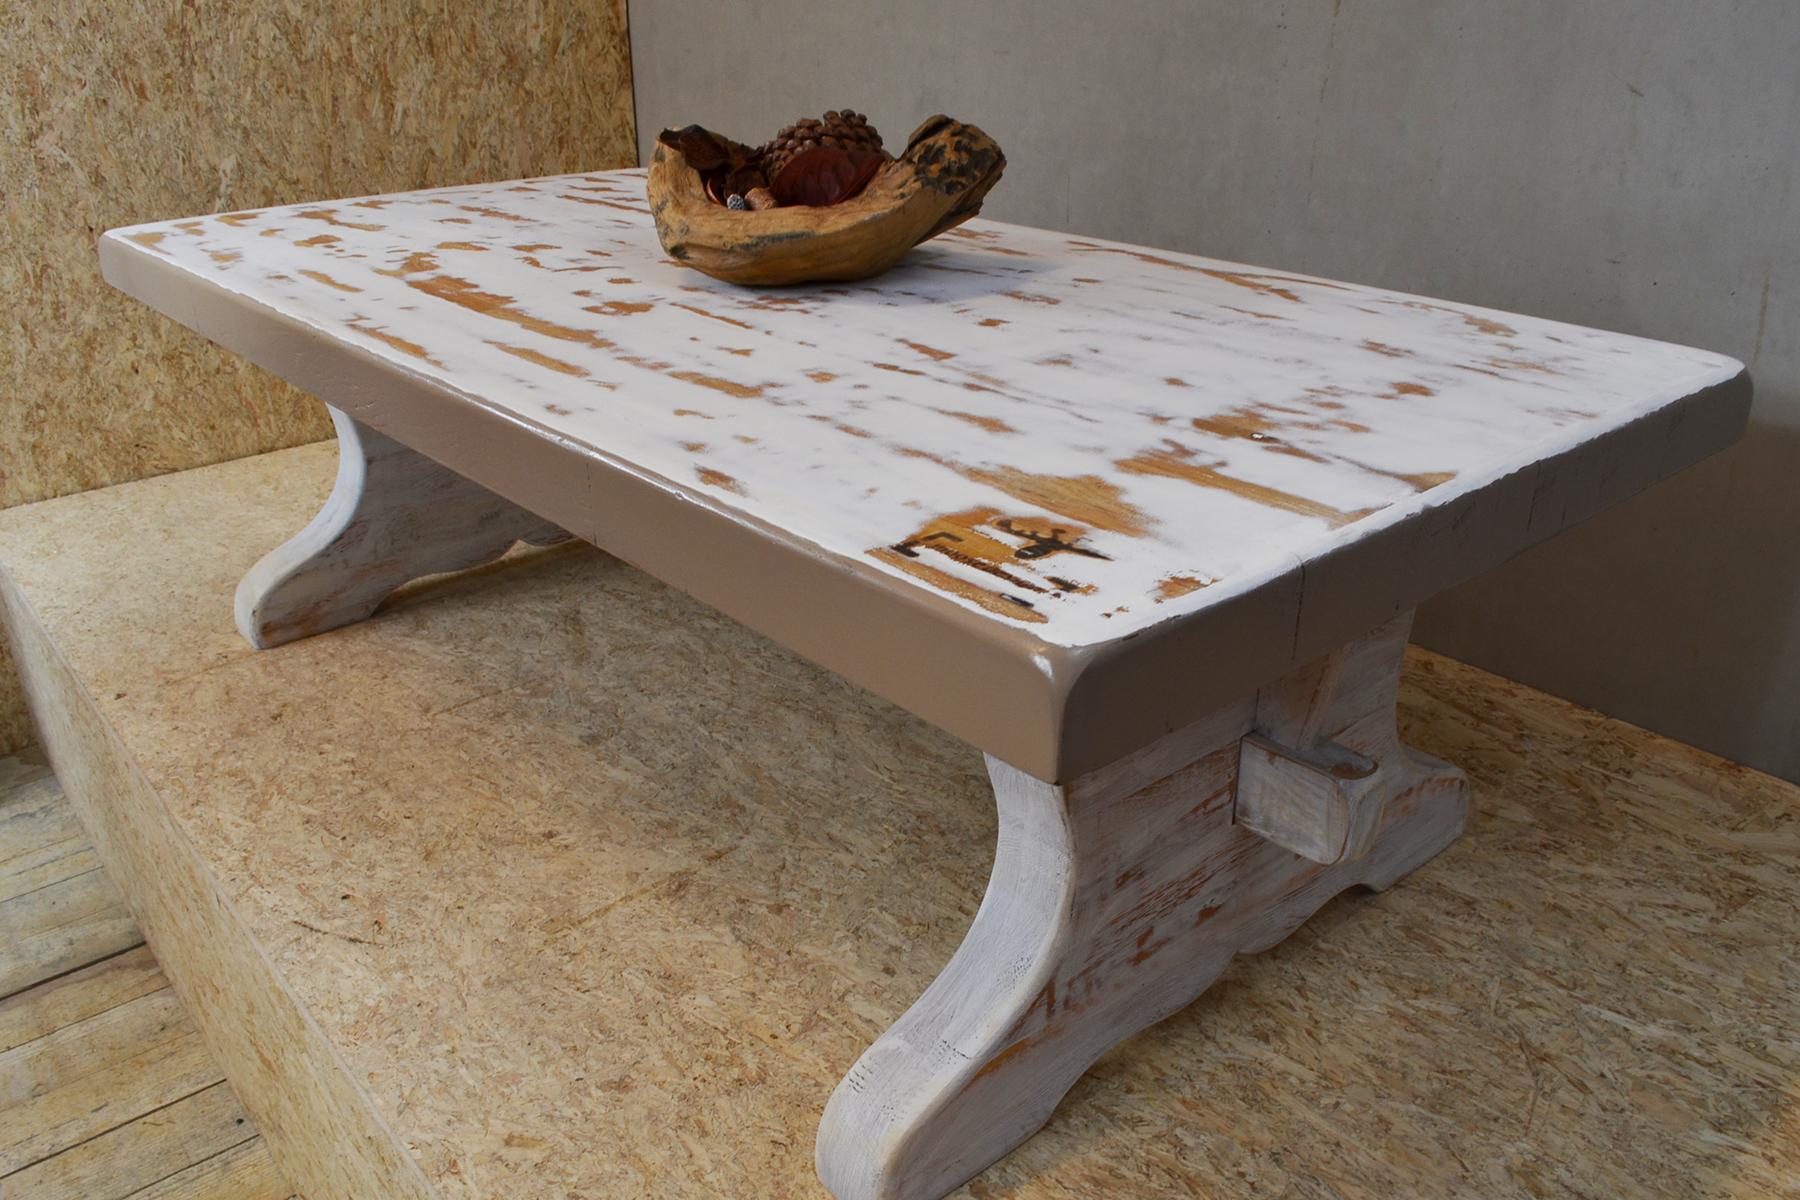 Design Meubels Houten : Moose design zoekt houten meubels voor recycle me project de